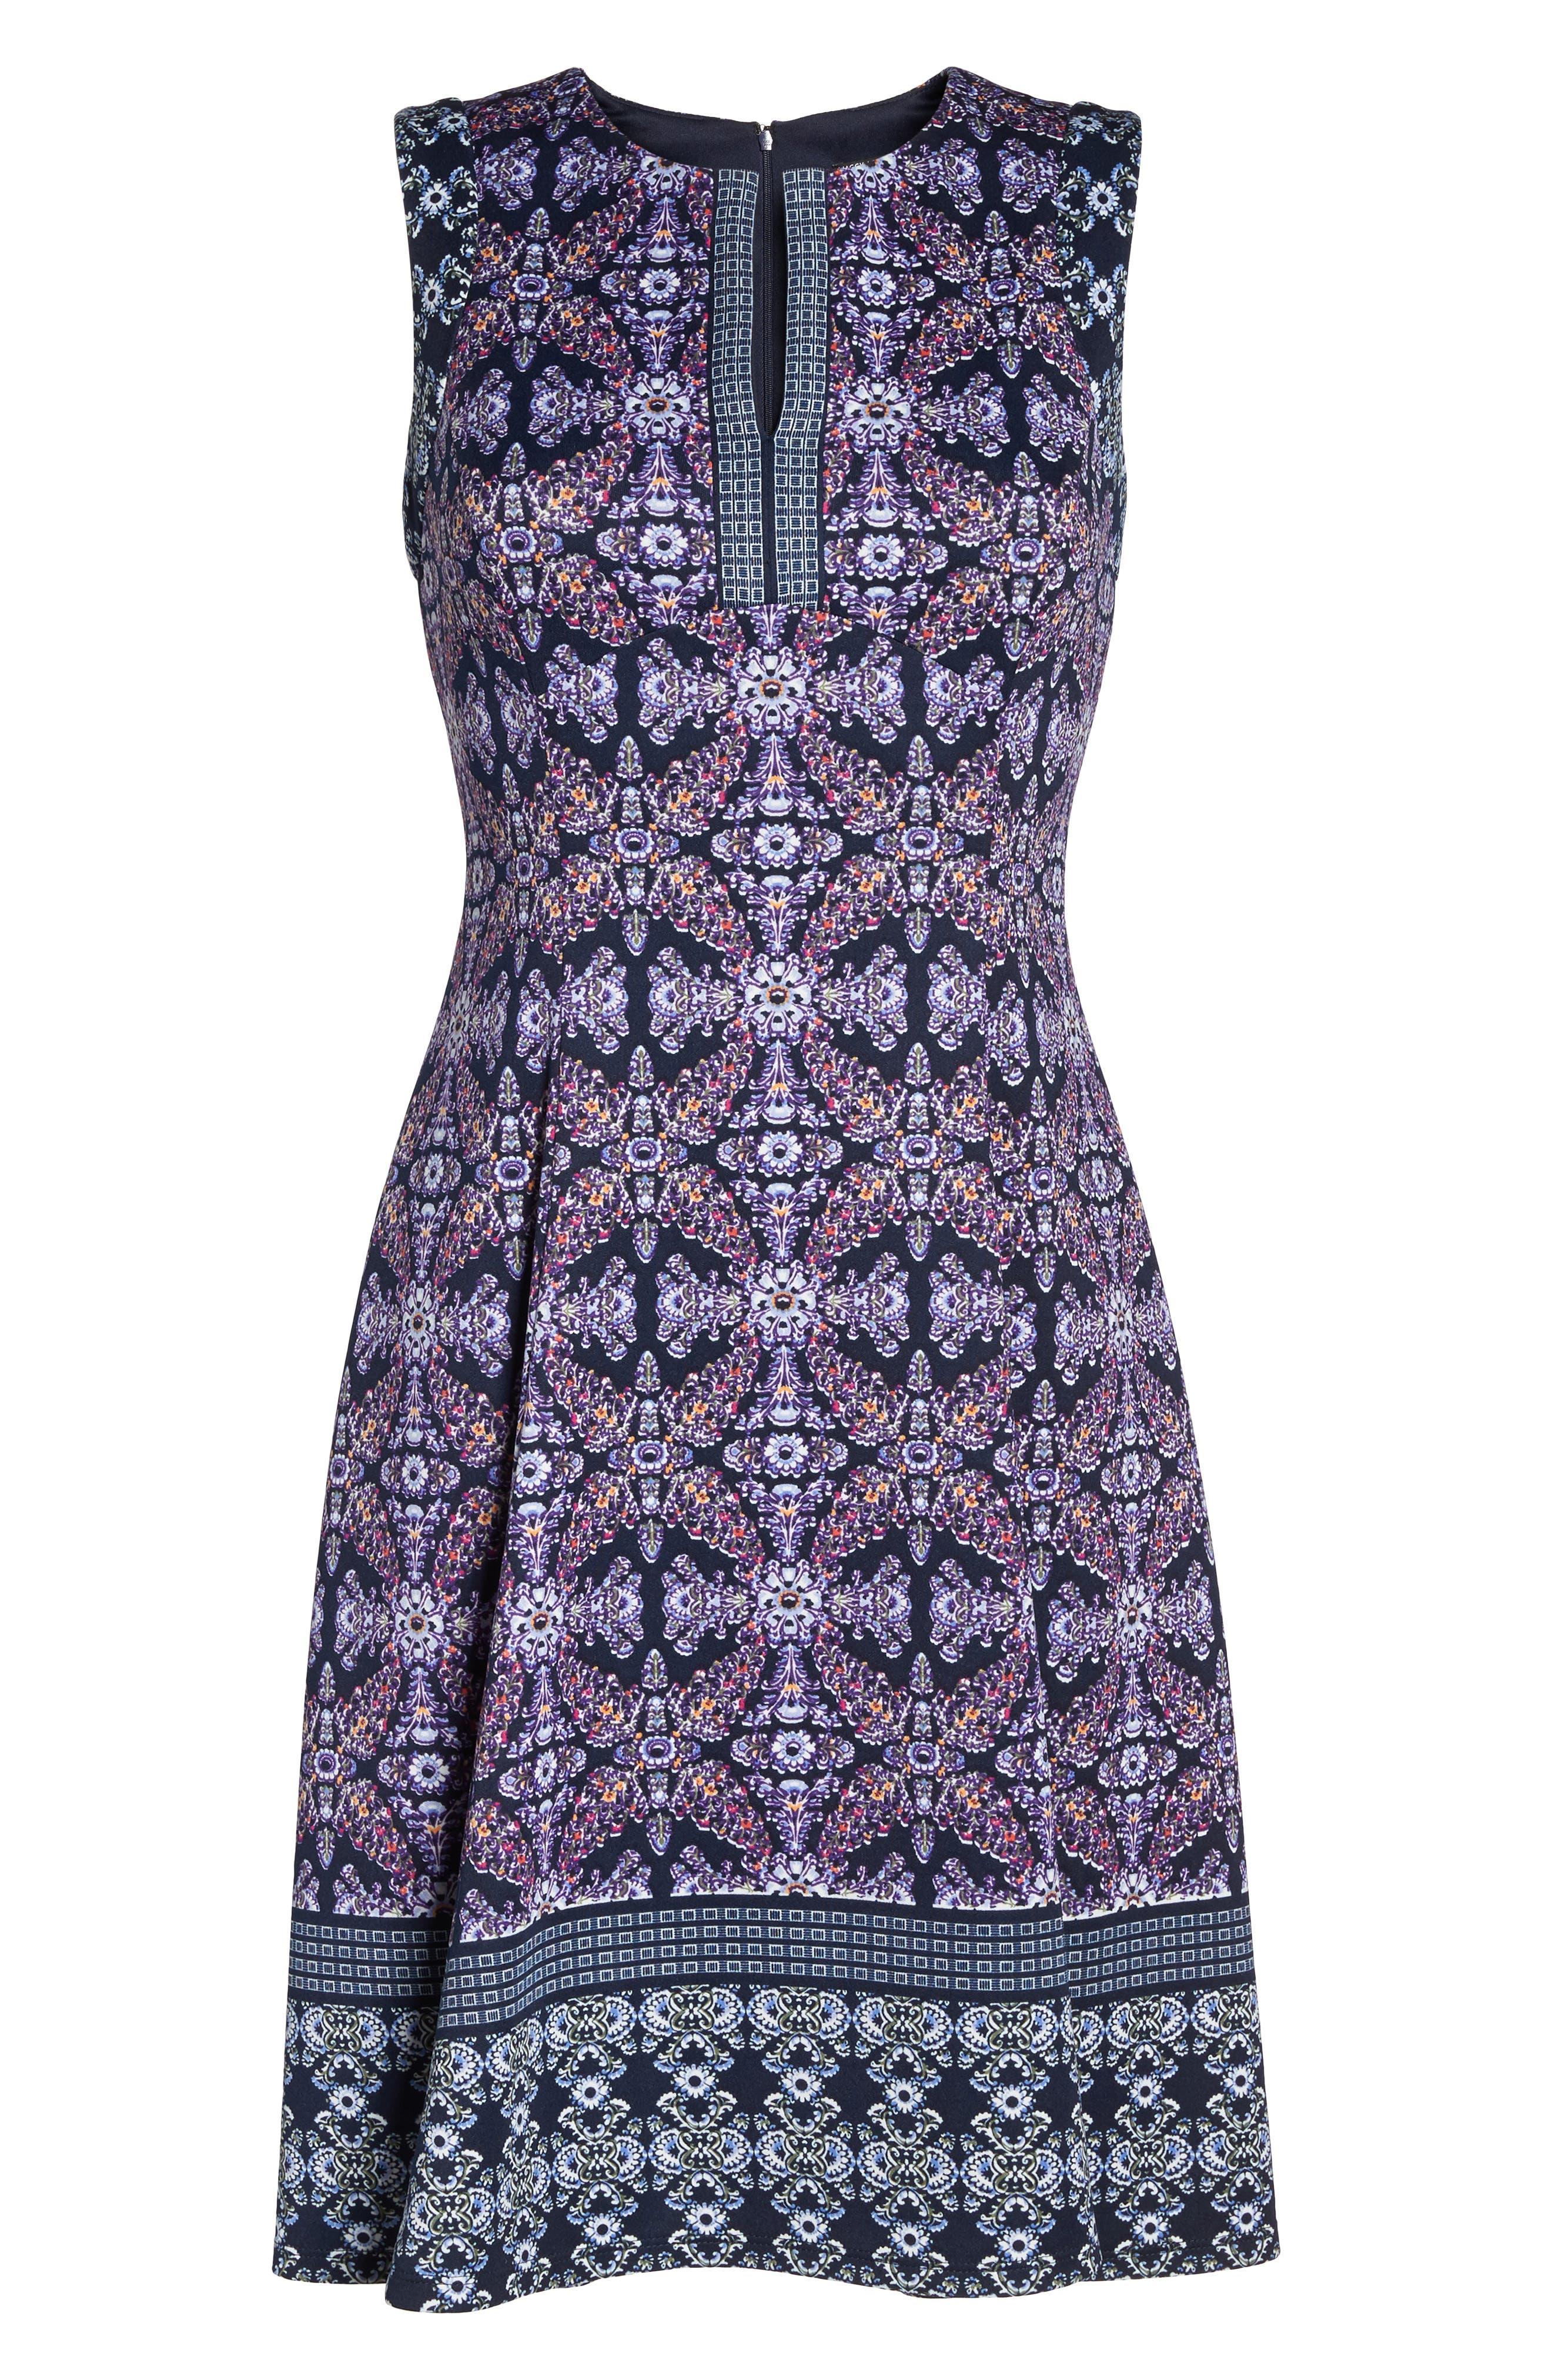 Scuba Fit & Flare Dress,                             Alternate thumbnail 6, color,                             Navy/ Lavender